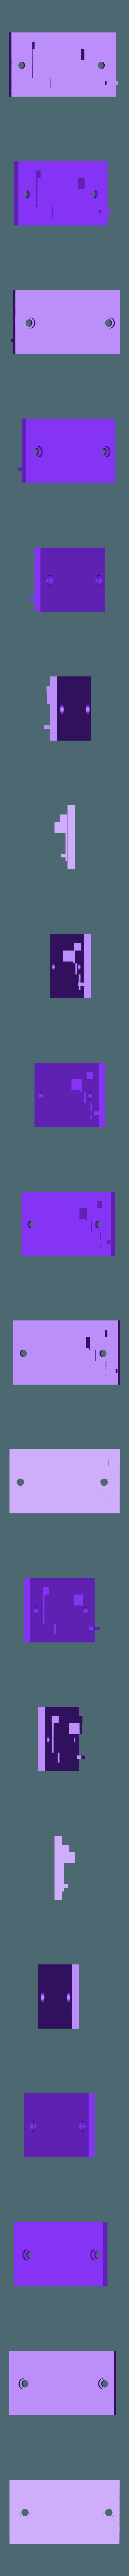 DD_couvercle_stop_filament.stl Télécharger fichier STL gratuit boitier capteur fin filament pour axe 8mm • Design pour imprimante 3D, gerald85